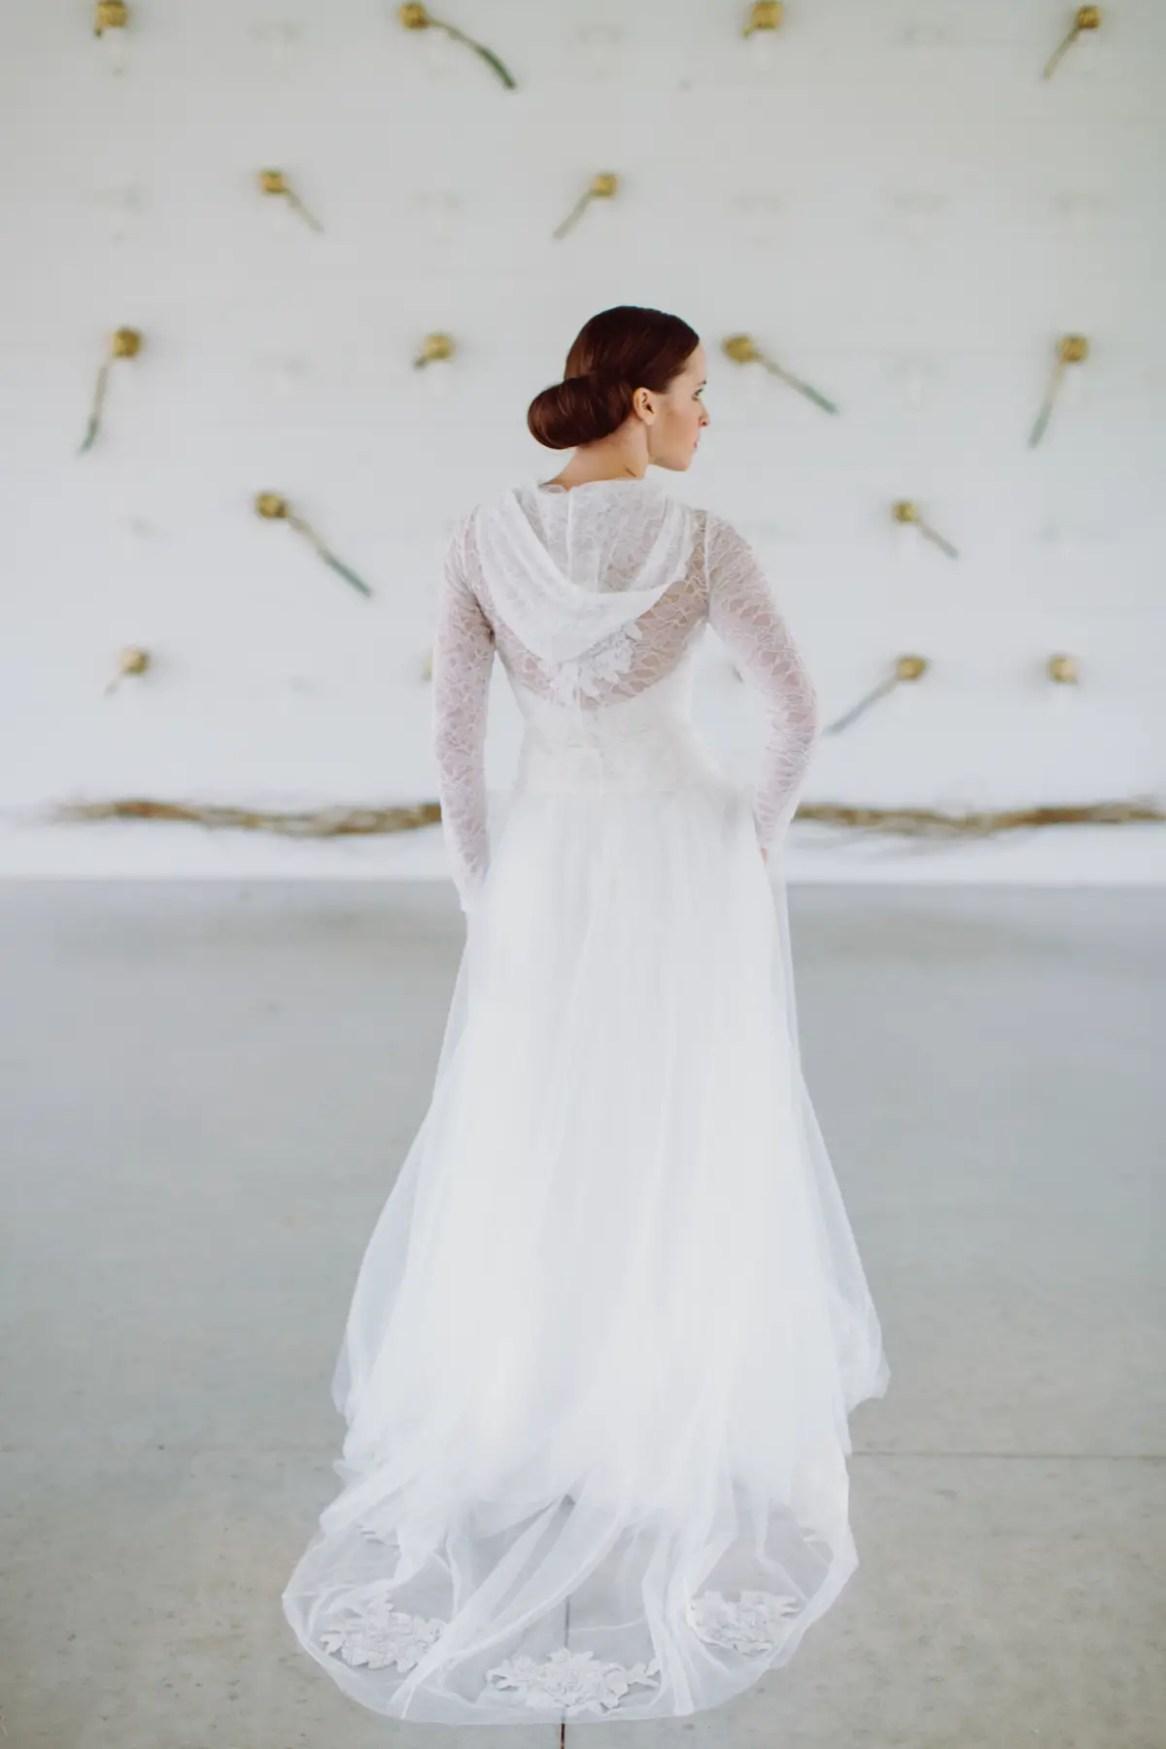 pas-de-deux-bridal-gowns-shoot-austin-024